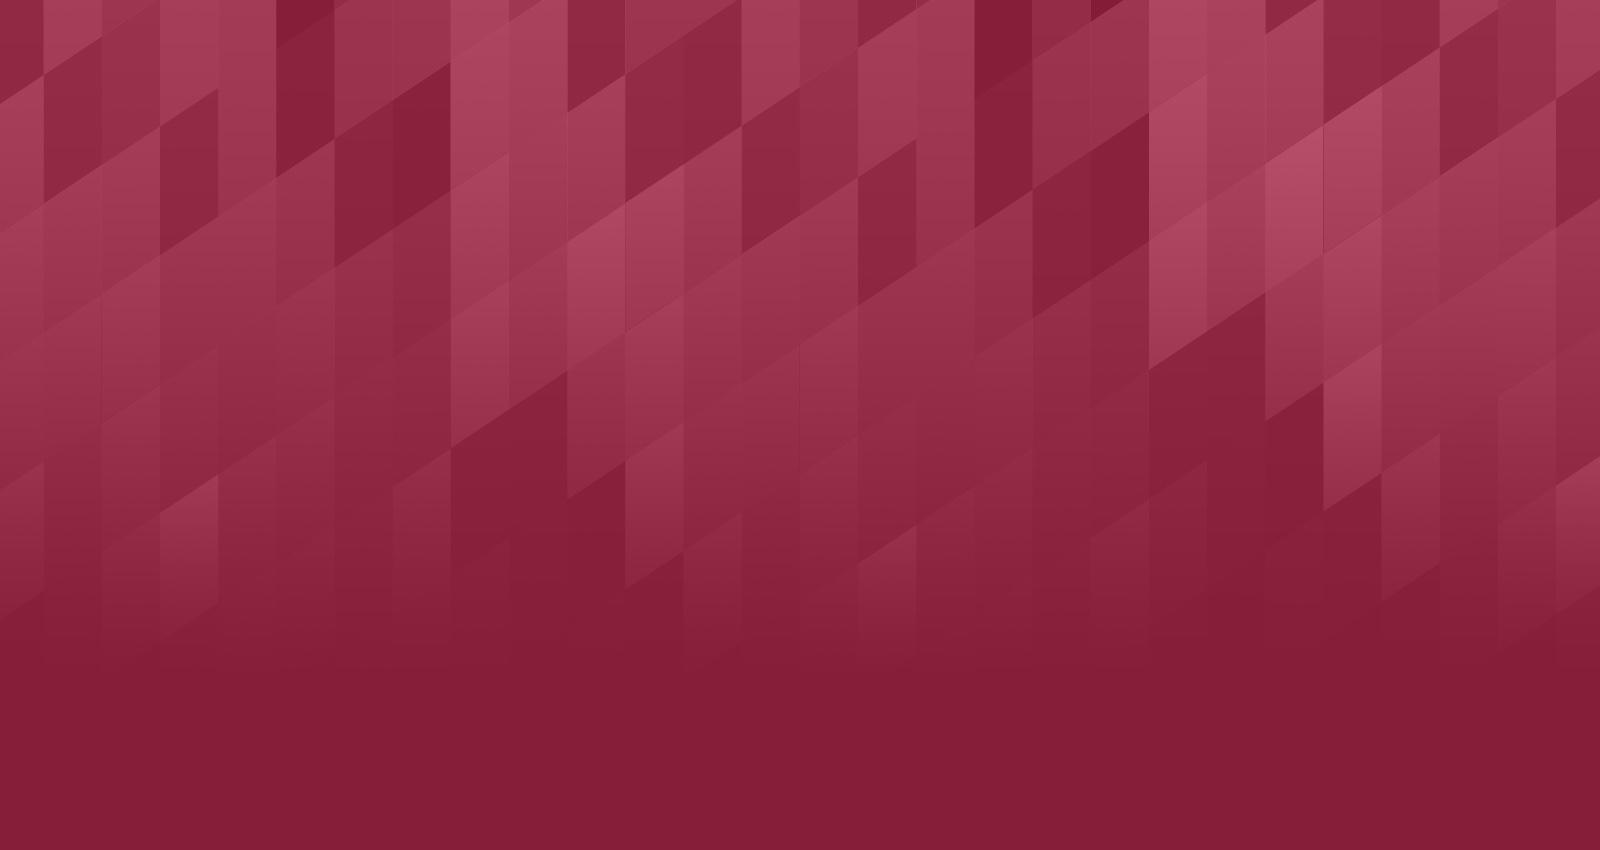 Sound-Film-Design_Background_Design